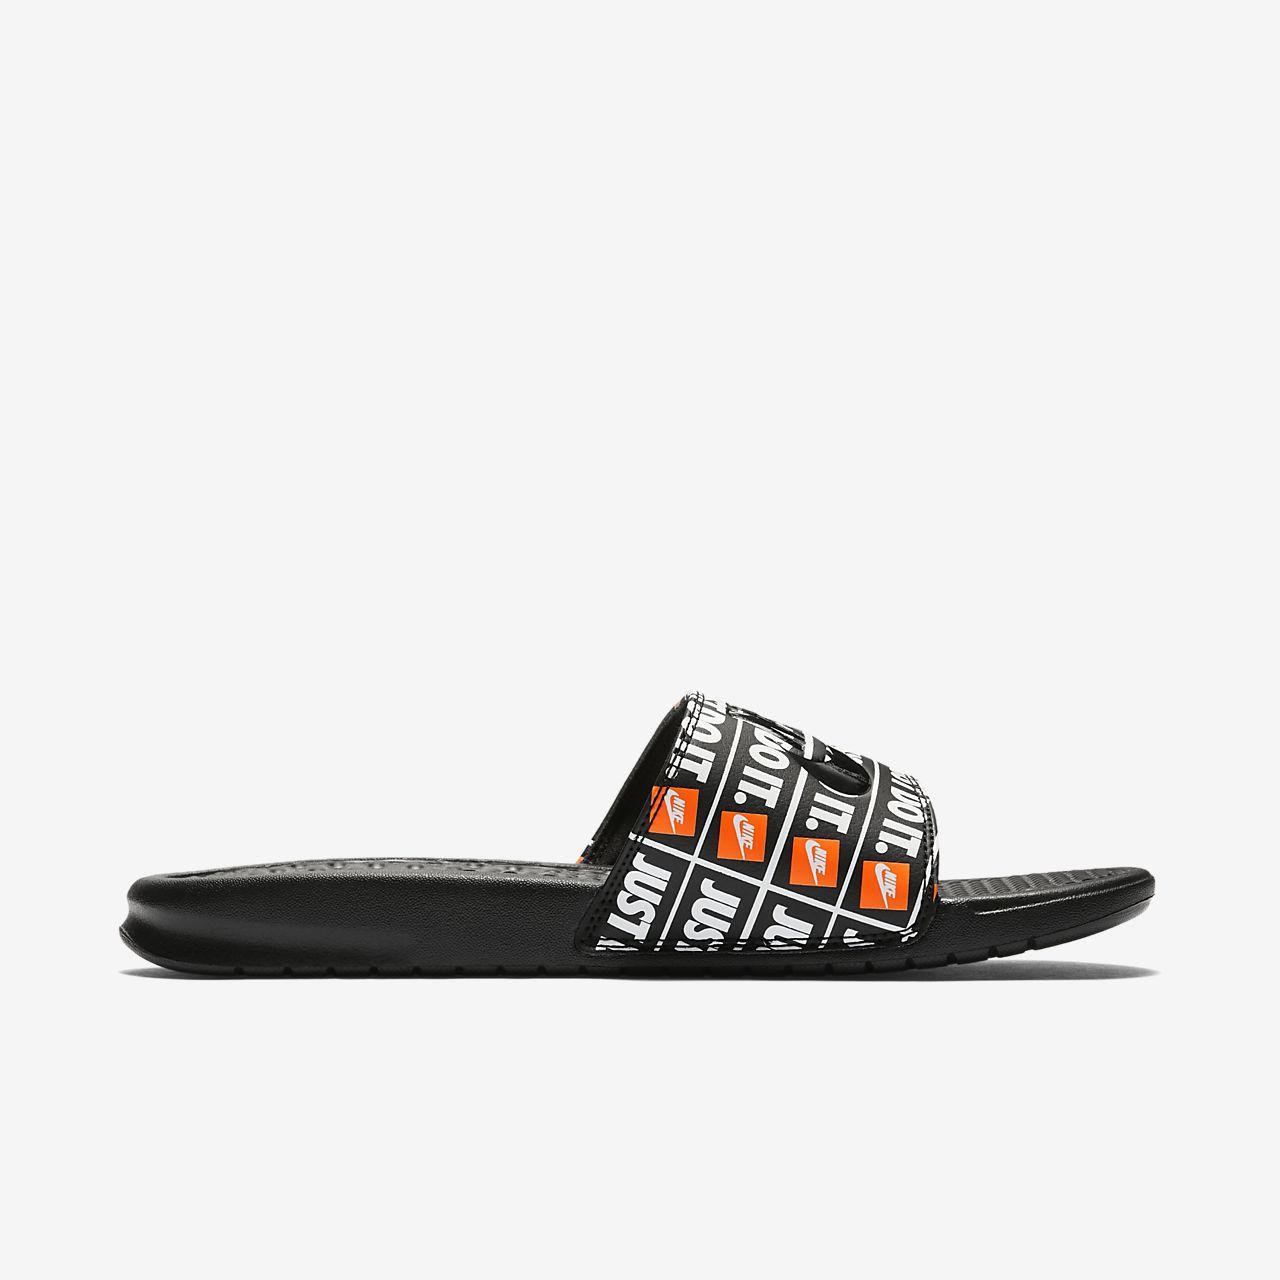 Benassi Nike Faire Juste Pantoufles Pour Les Hommes pBodC3